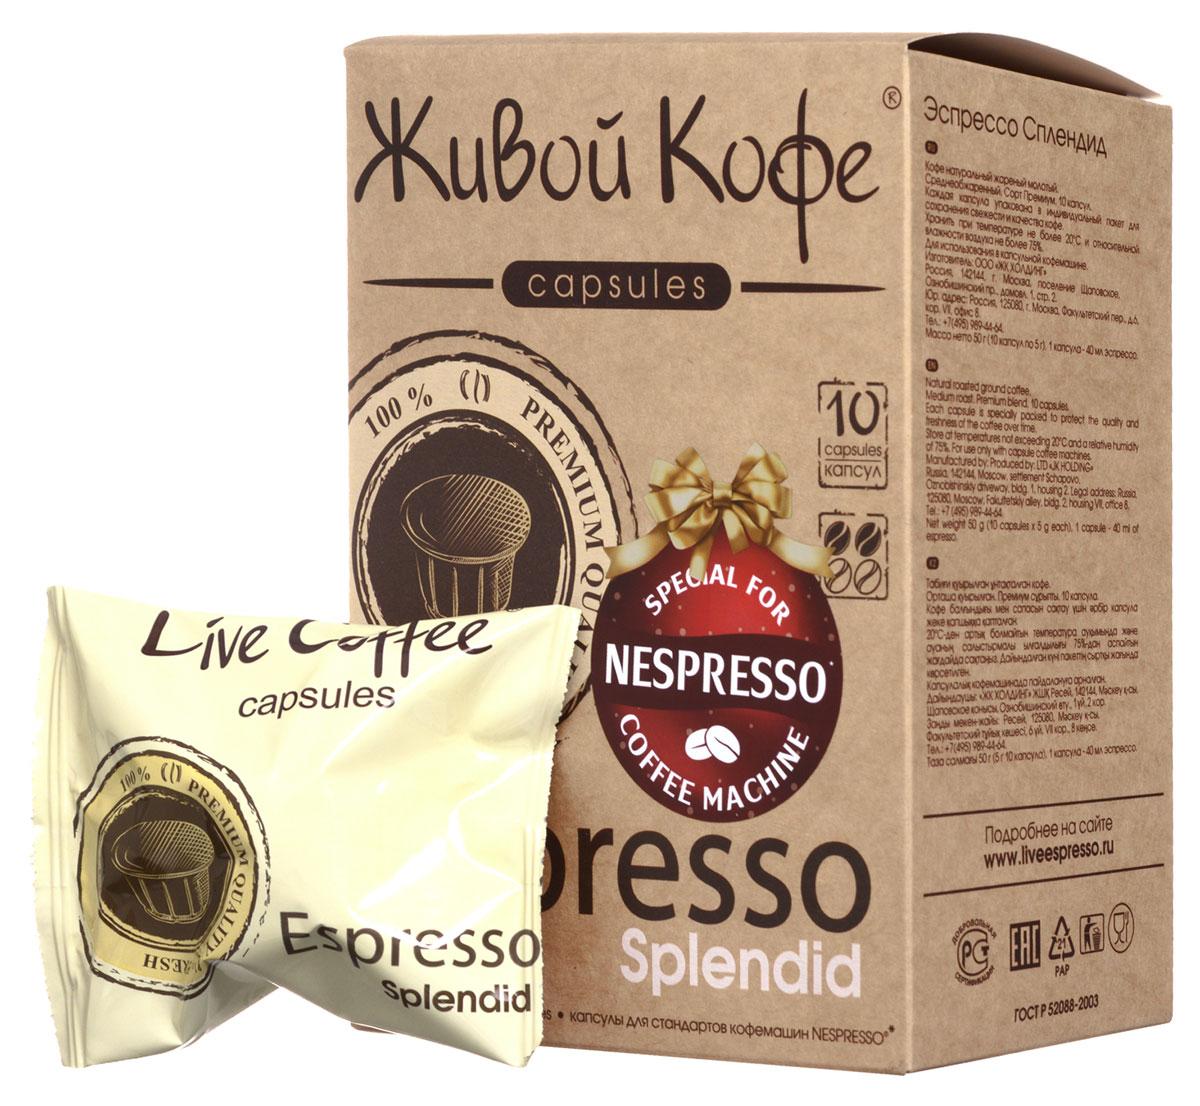 Живой Кофе Espresso Splendid кофе в капсулах (индивидуальная упаковка), 10 штУПП00003279Живой Кофе Espresso Splendid - натуральный молотый кофе средней обжарки в капсулах. Кофе с утонченным вкусом, включающим цитрусовые, фруктовые и шоколадные нотки. Напиток имеет изысканный вкус и аромат. Каждая капсула упакована в индивидуальный пакет для сохранения свежести и качества кофе. Благодаря авторской технологии обжарки группы компаний Сафари кофе напиток сохраняет свои уникальные свойства, заложенные самой природой.